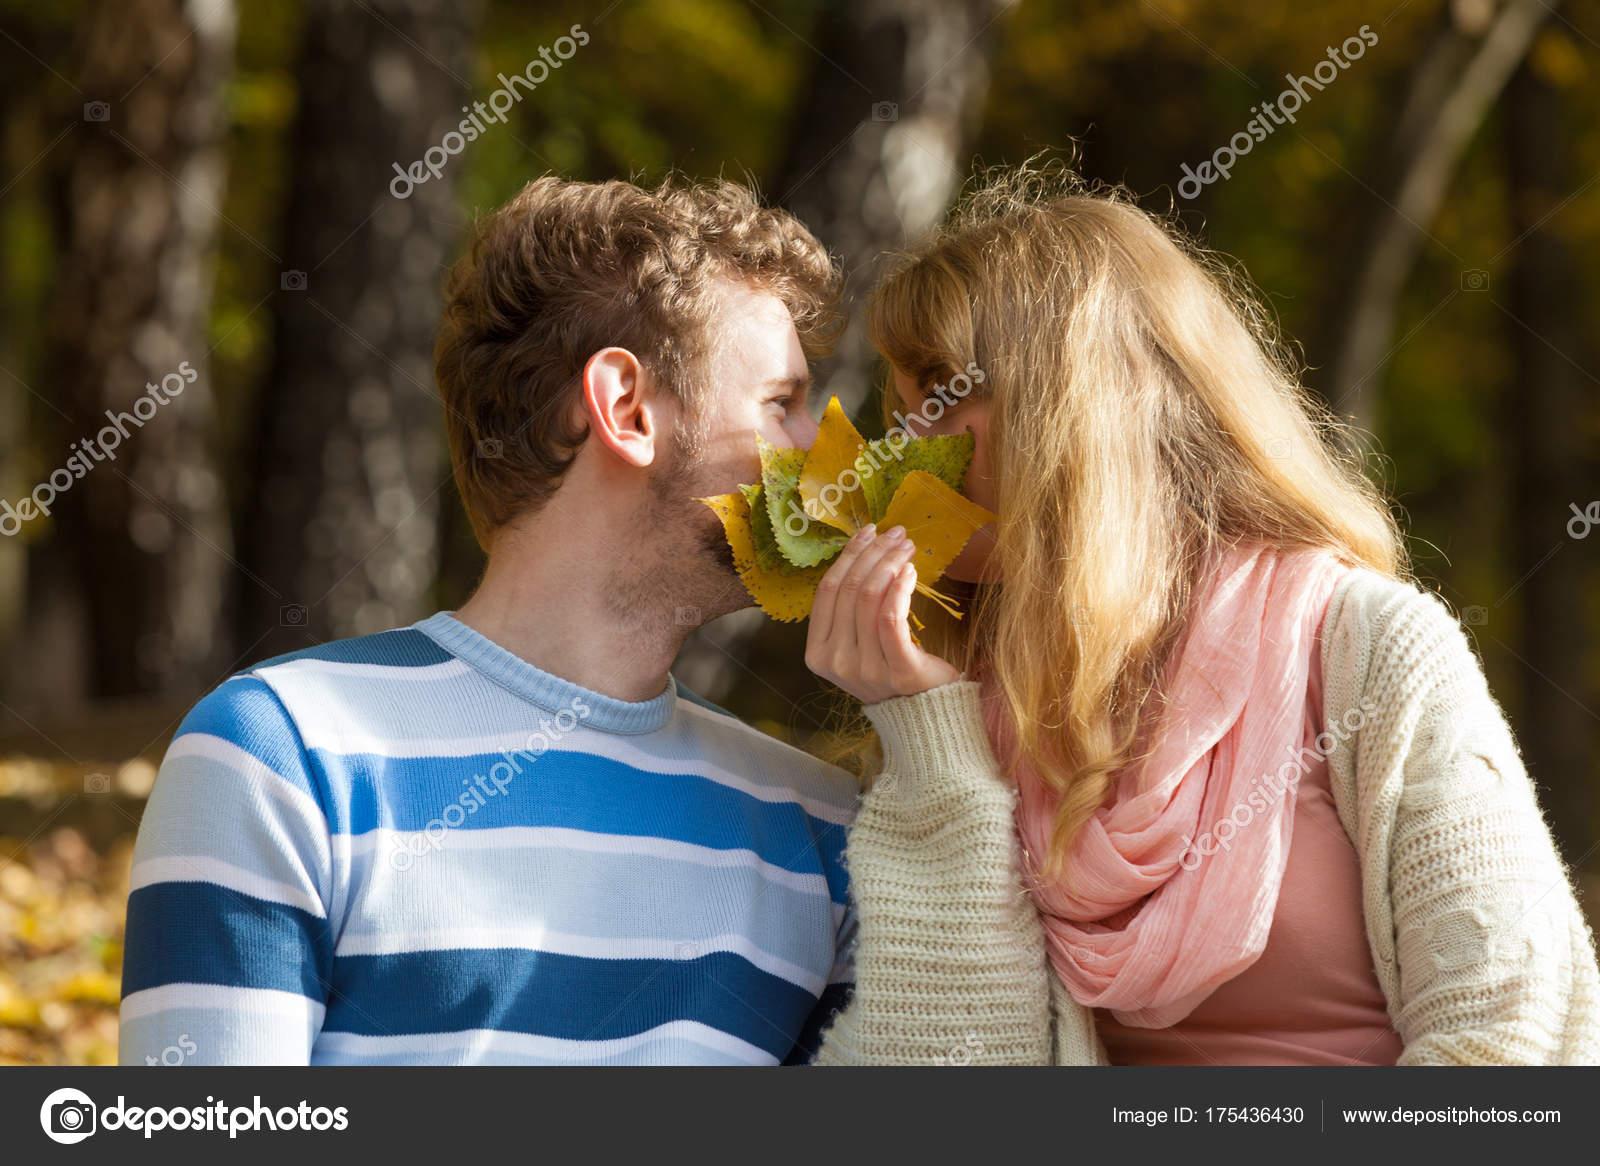 Осенний поцелуй - знакомства свинг пары в красноярске, знакомства